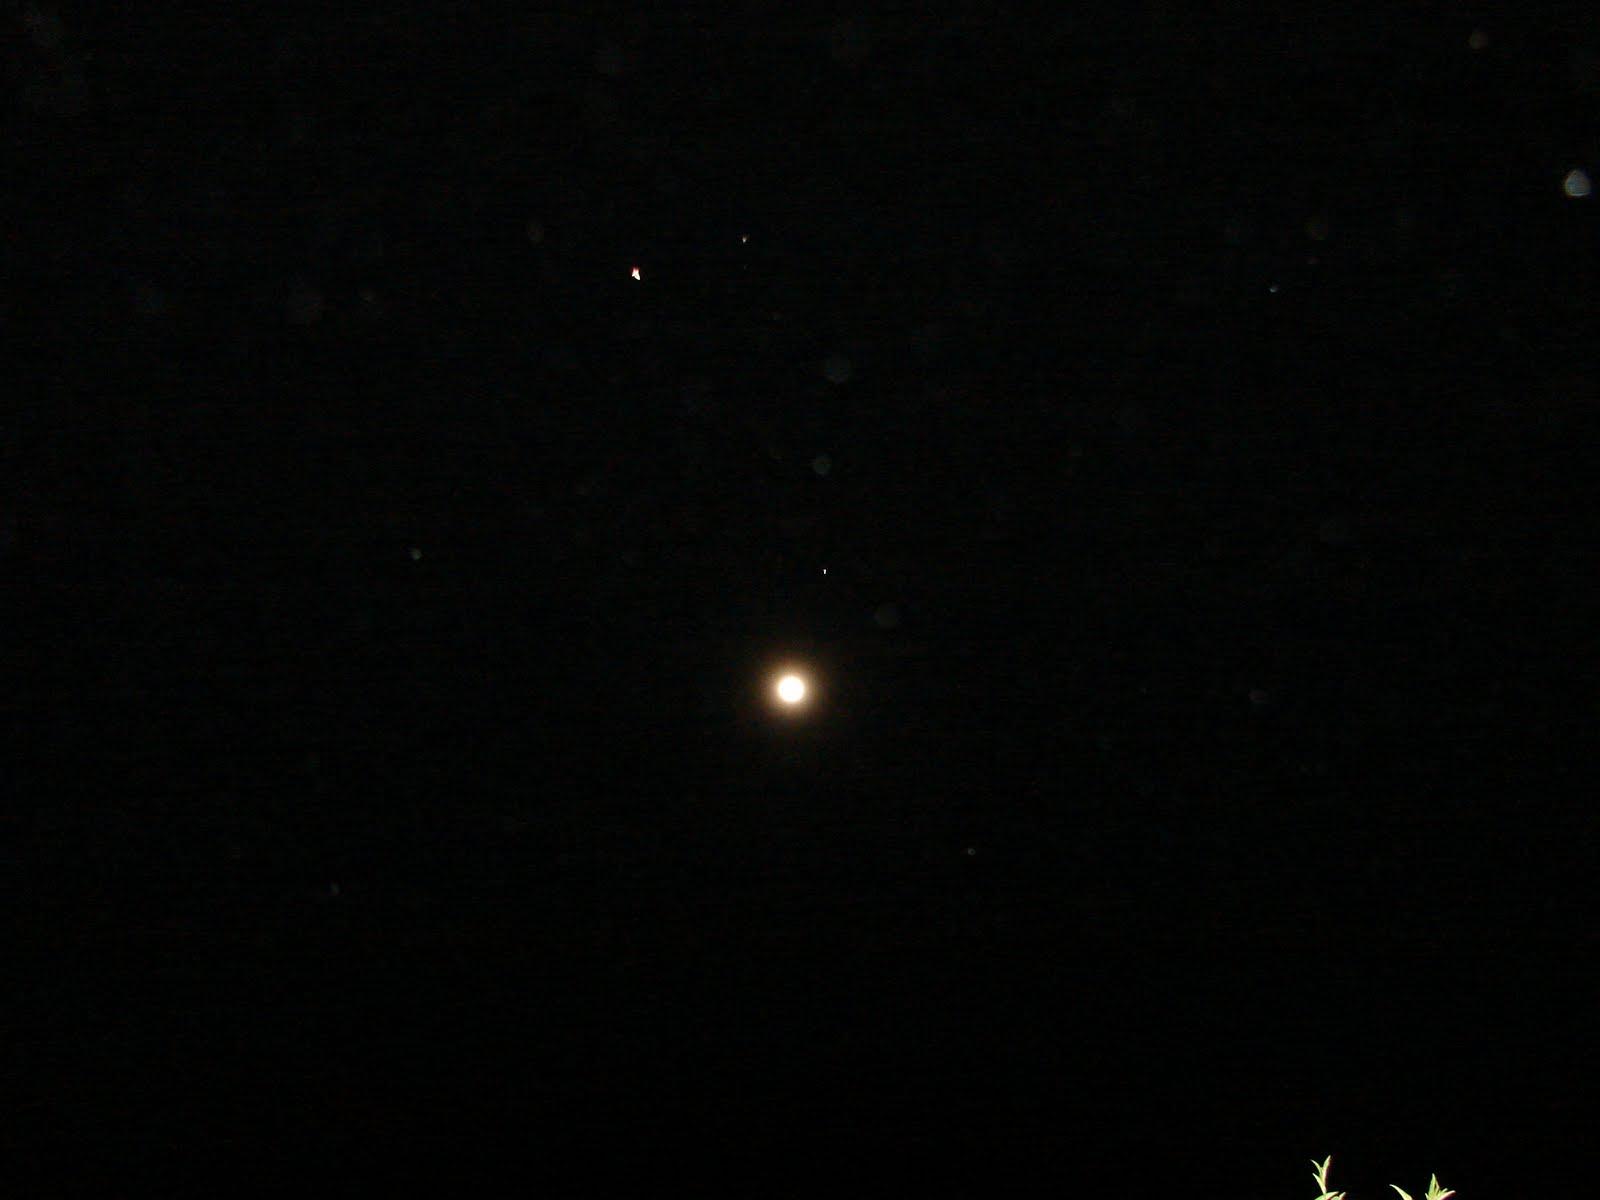 19-marzo-20-21-22-23-24-24...2011 CRUZ ET Ovni sobre LUNA llena hoy 19...sec,ufo...